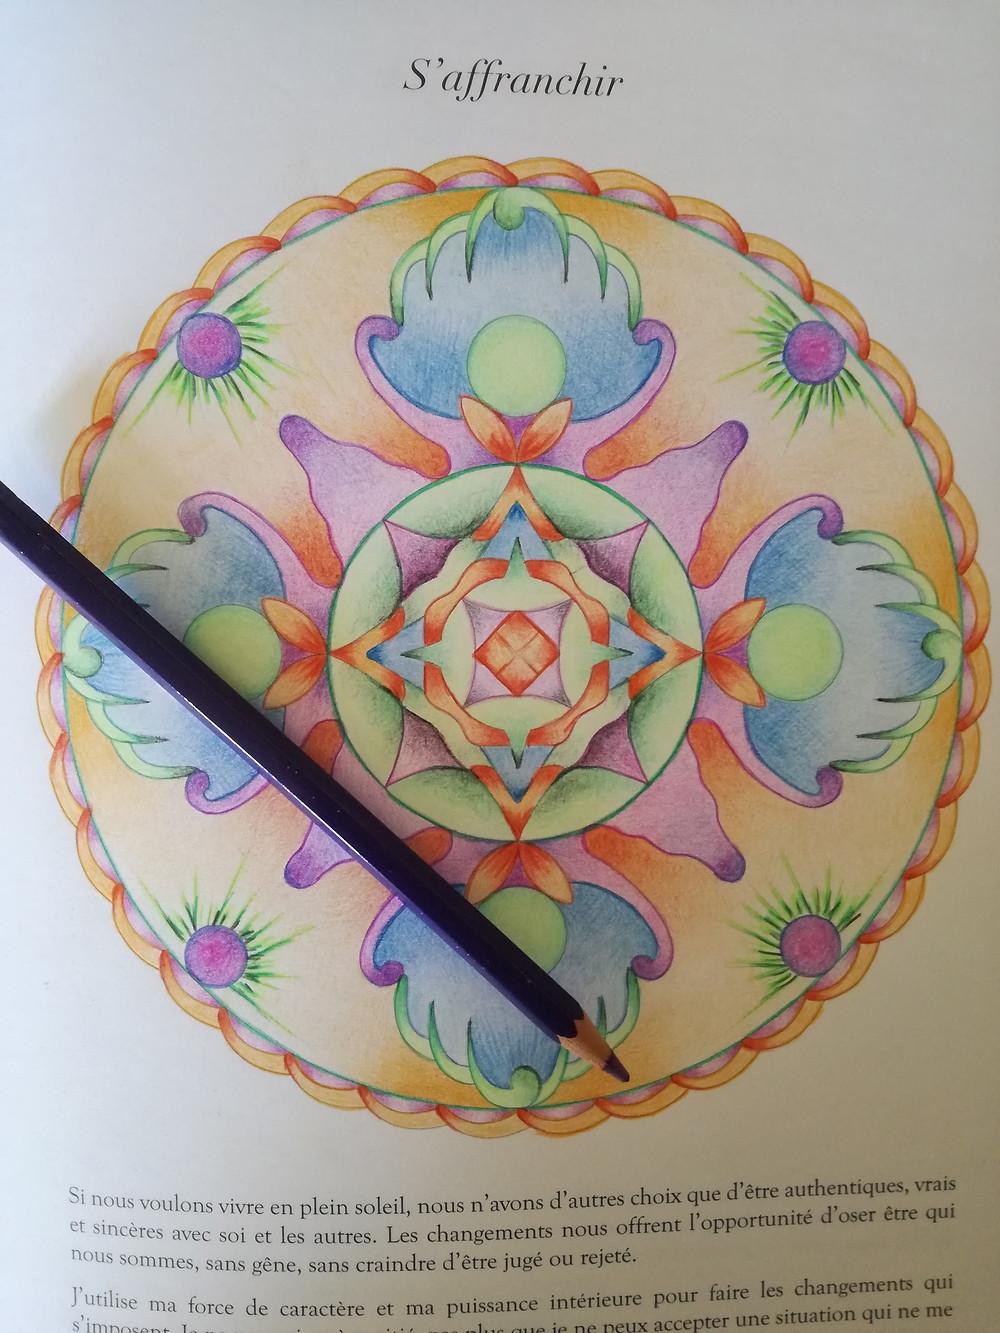 """Les mandalas sont devenus la grande tendance. Ils sont partout : sur les façades des bâtiments, sur les couvertures des livres, on les voit même en tatouages. Cependant, beaucoup ne savent pas que la création et le coloriage de mandalas est reconnu très bénéfique pour notre équilibre émotionnel.  Qu'est-ce qu'un mandala ?  C'est un dessin circulaire complexe avec des formes géométriques qui est utilisé dans la pratique de la méditation dans le monde bouddhiste et hindou. Le mot vient du sanscrit et signifie """"le cercle magique"""". Son origine remonte en Inde et a été adopté au fil des années dans d'autres pays de l'Est jusqu'à ce qu'il arrive chez nous."""